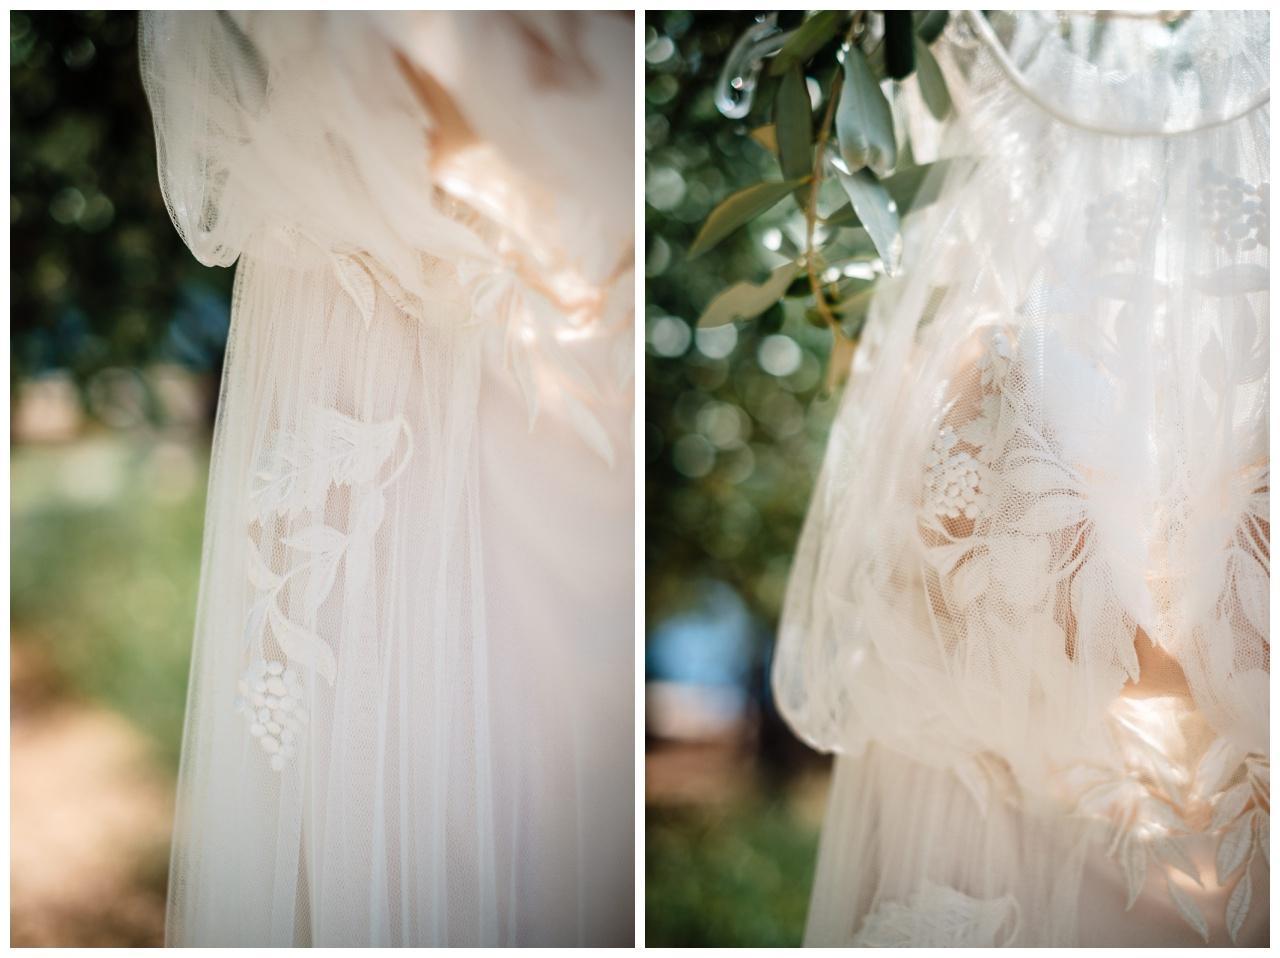 hochzeit brac inse boho heiraten kroatien hochzeitsplaner 3 - Glam Boho Hochzeit auf der Insel Brač